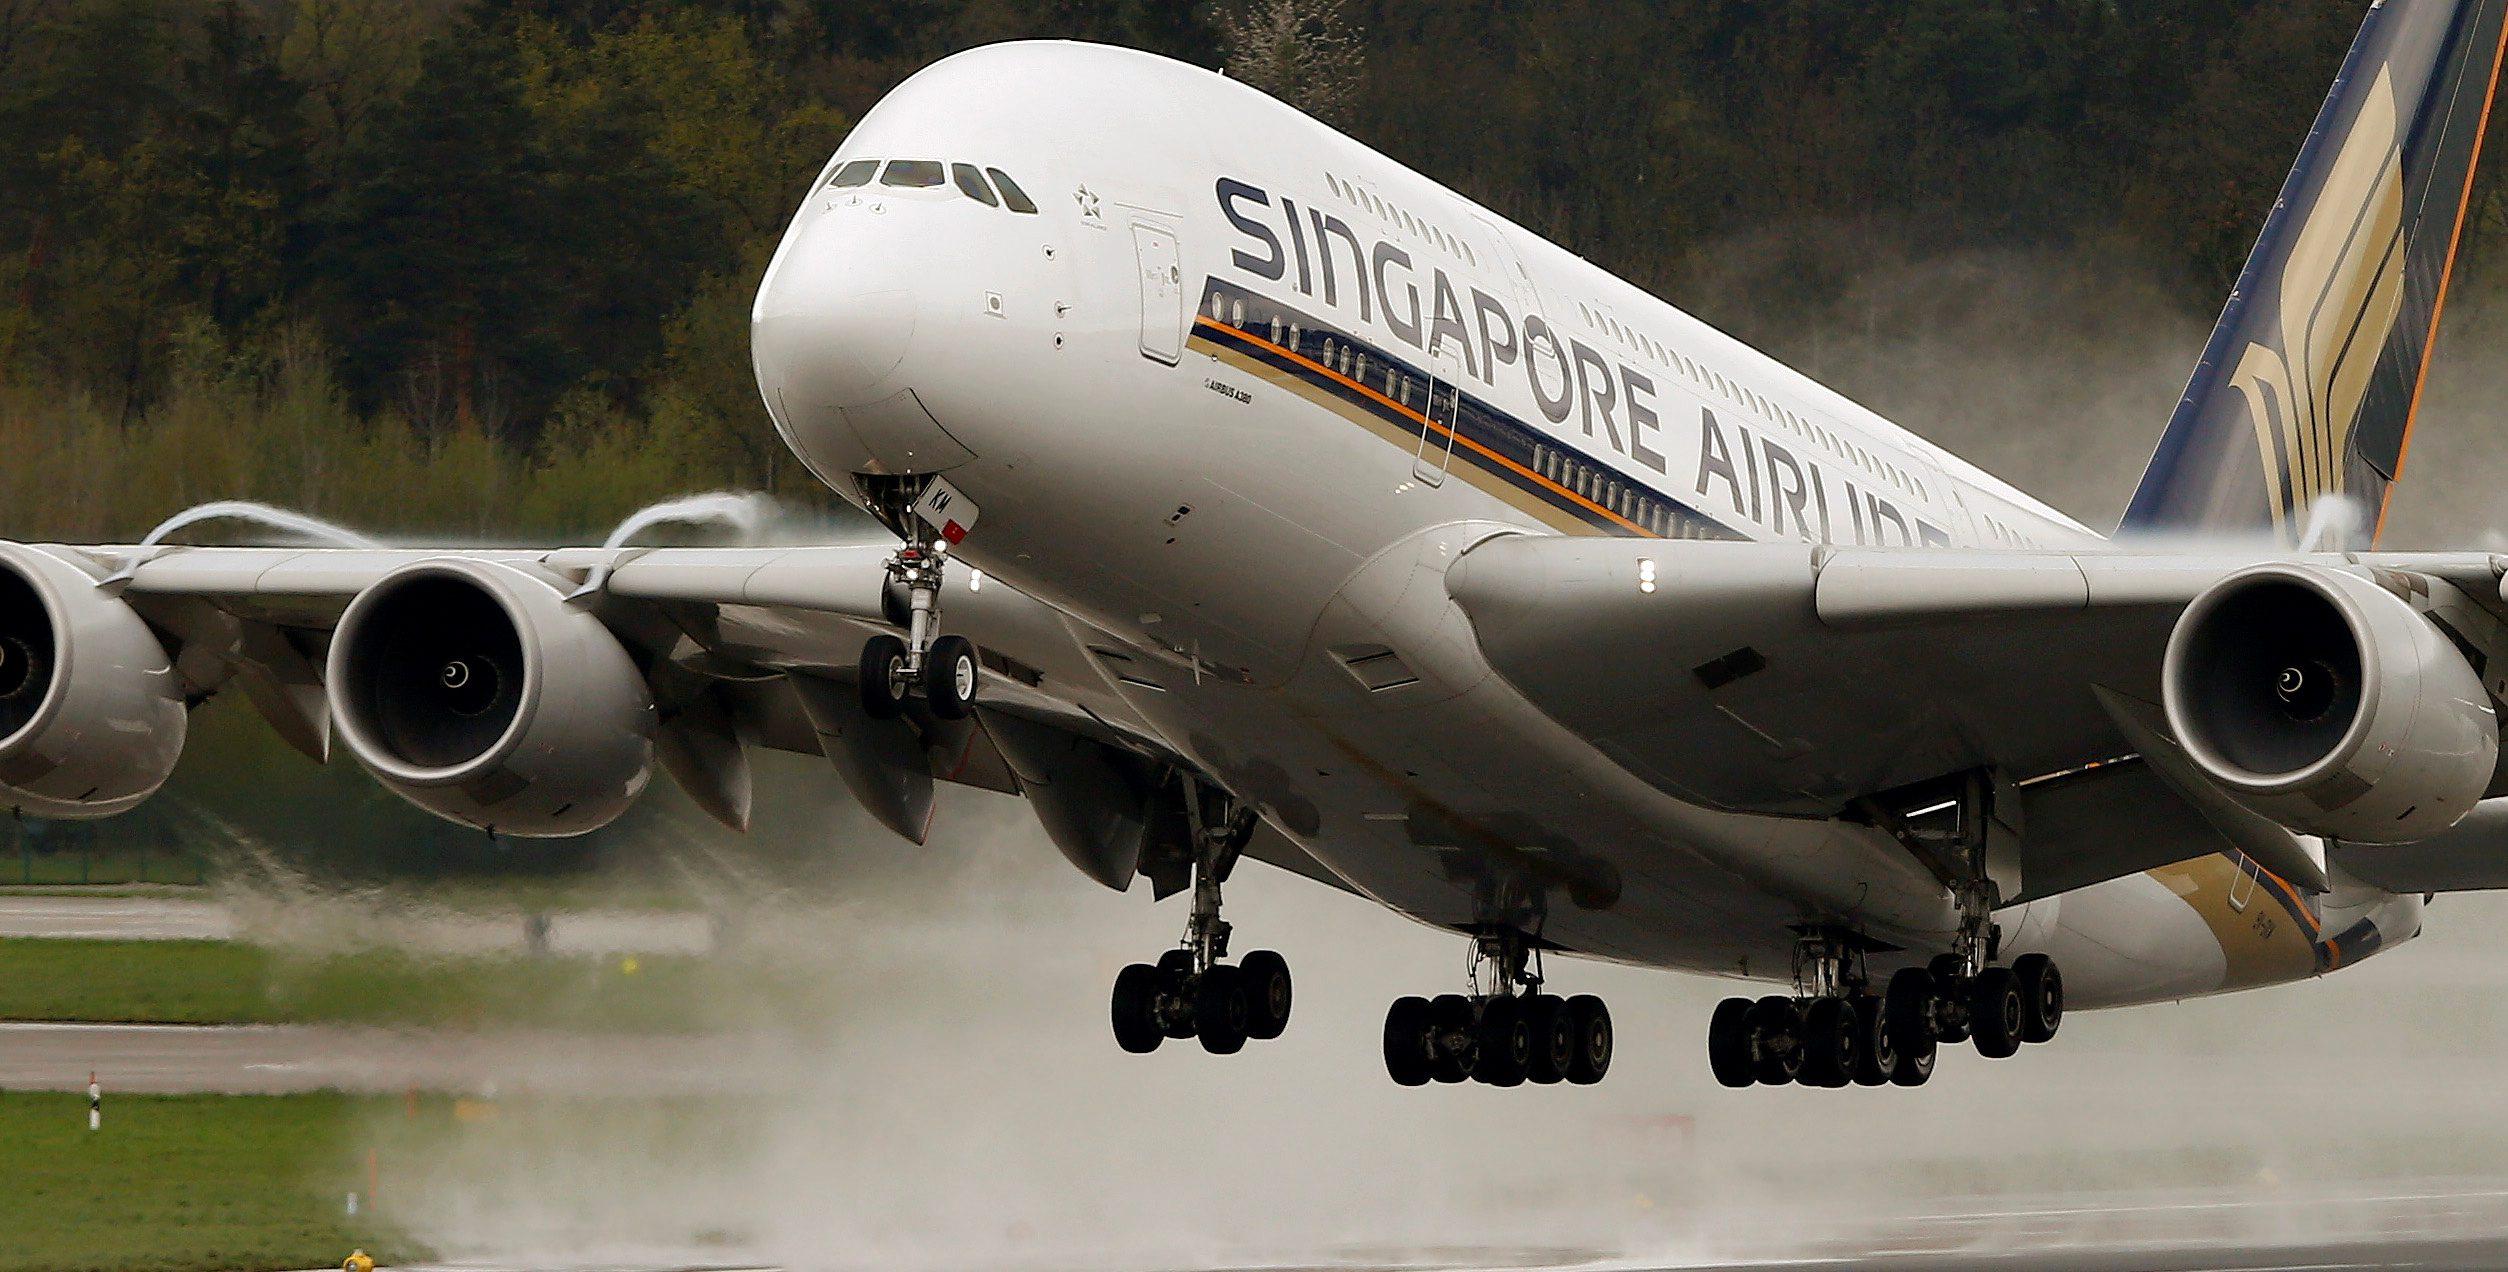 An Airbus A380-841 airplane